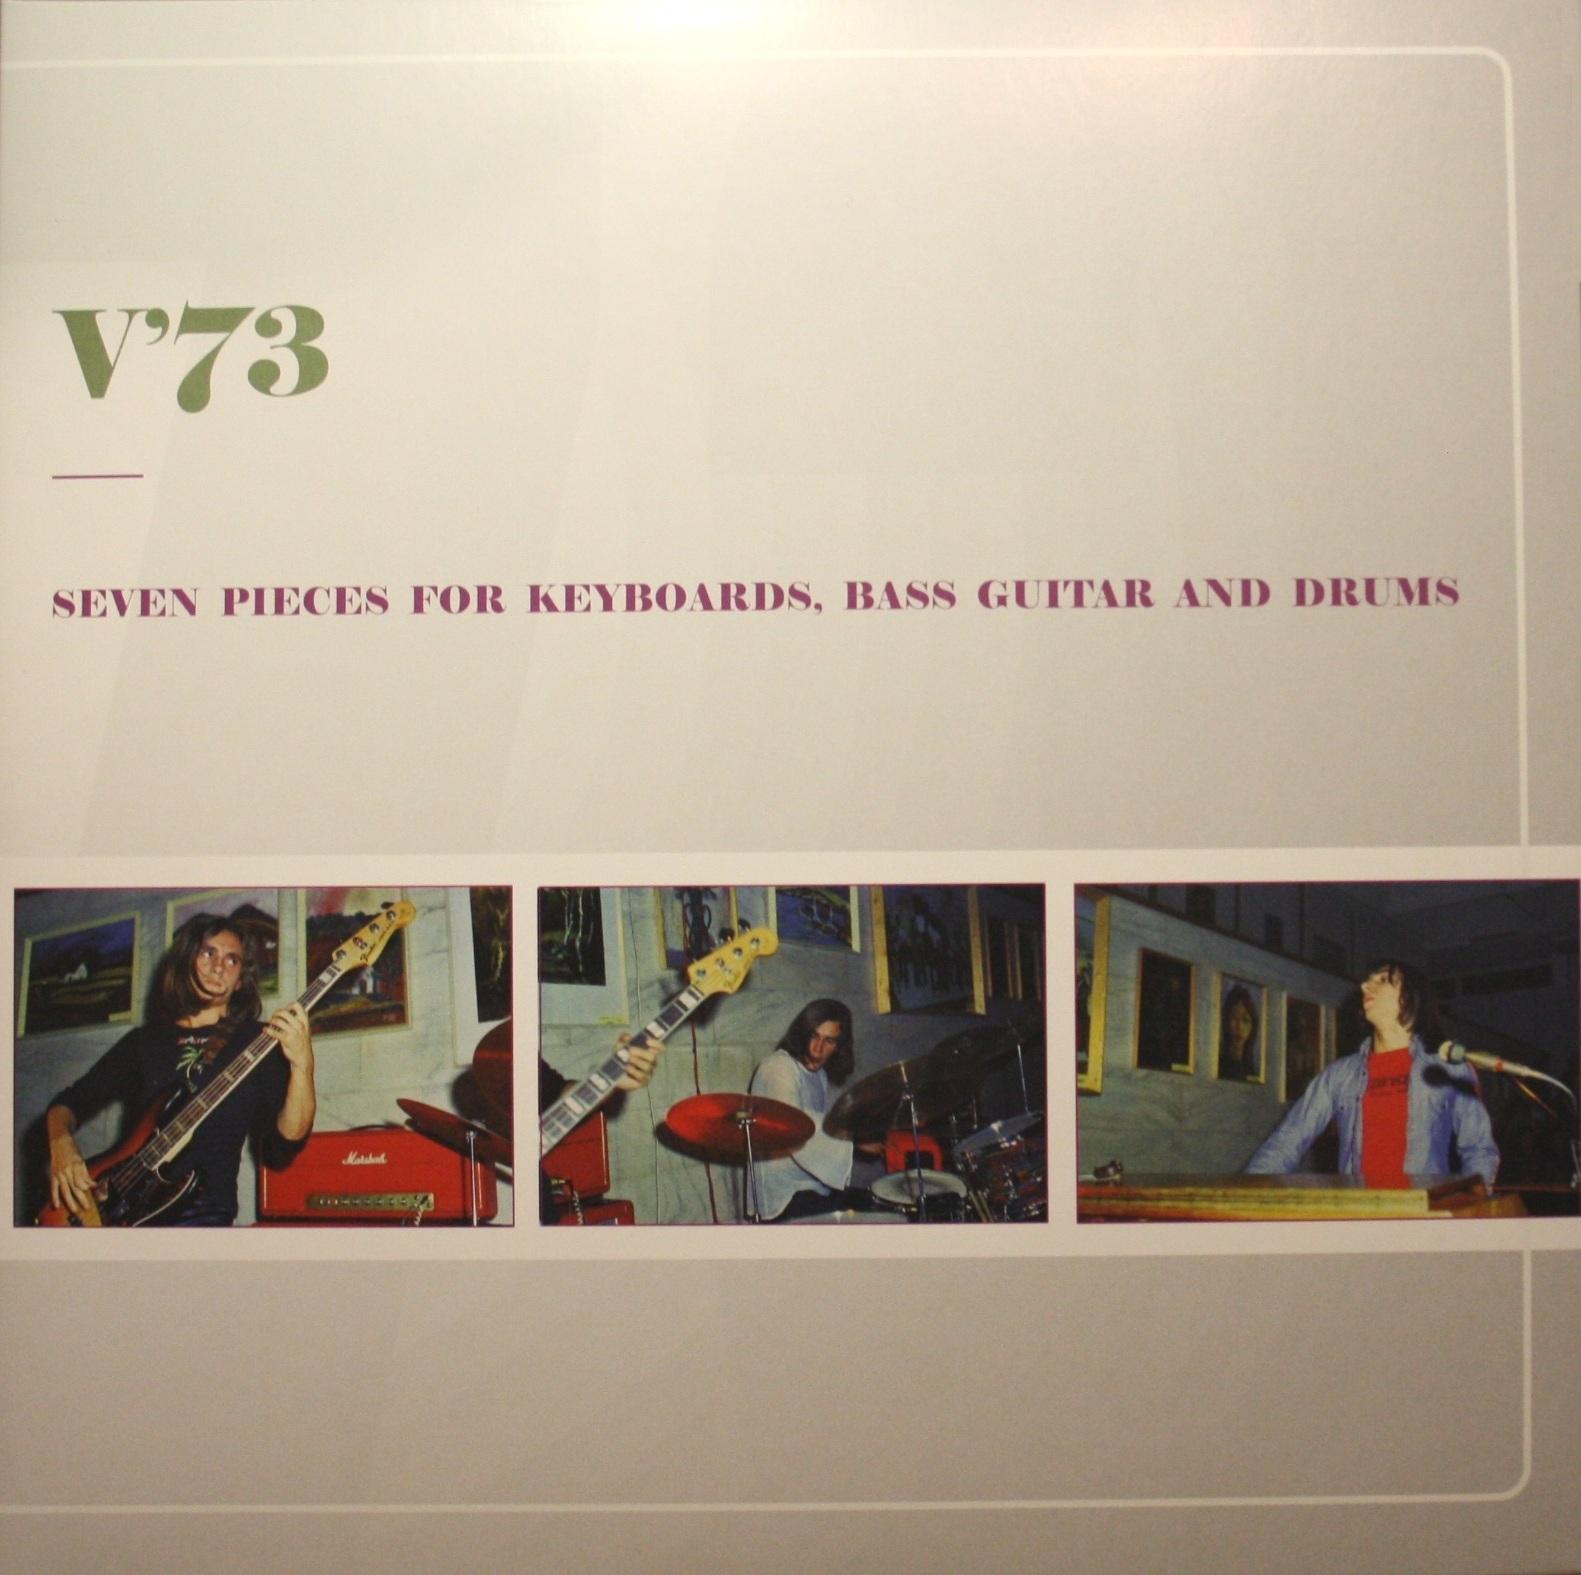 V'73.JPG